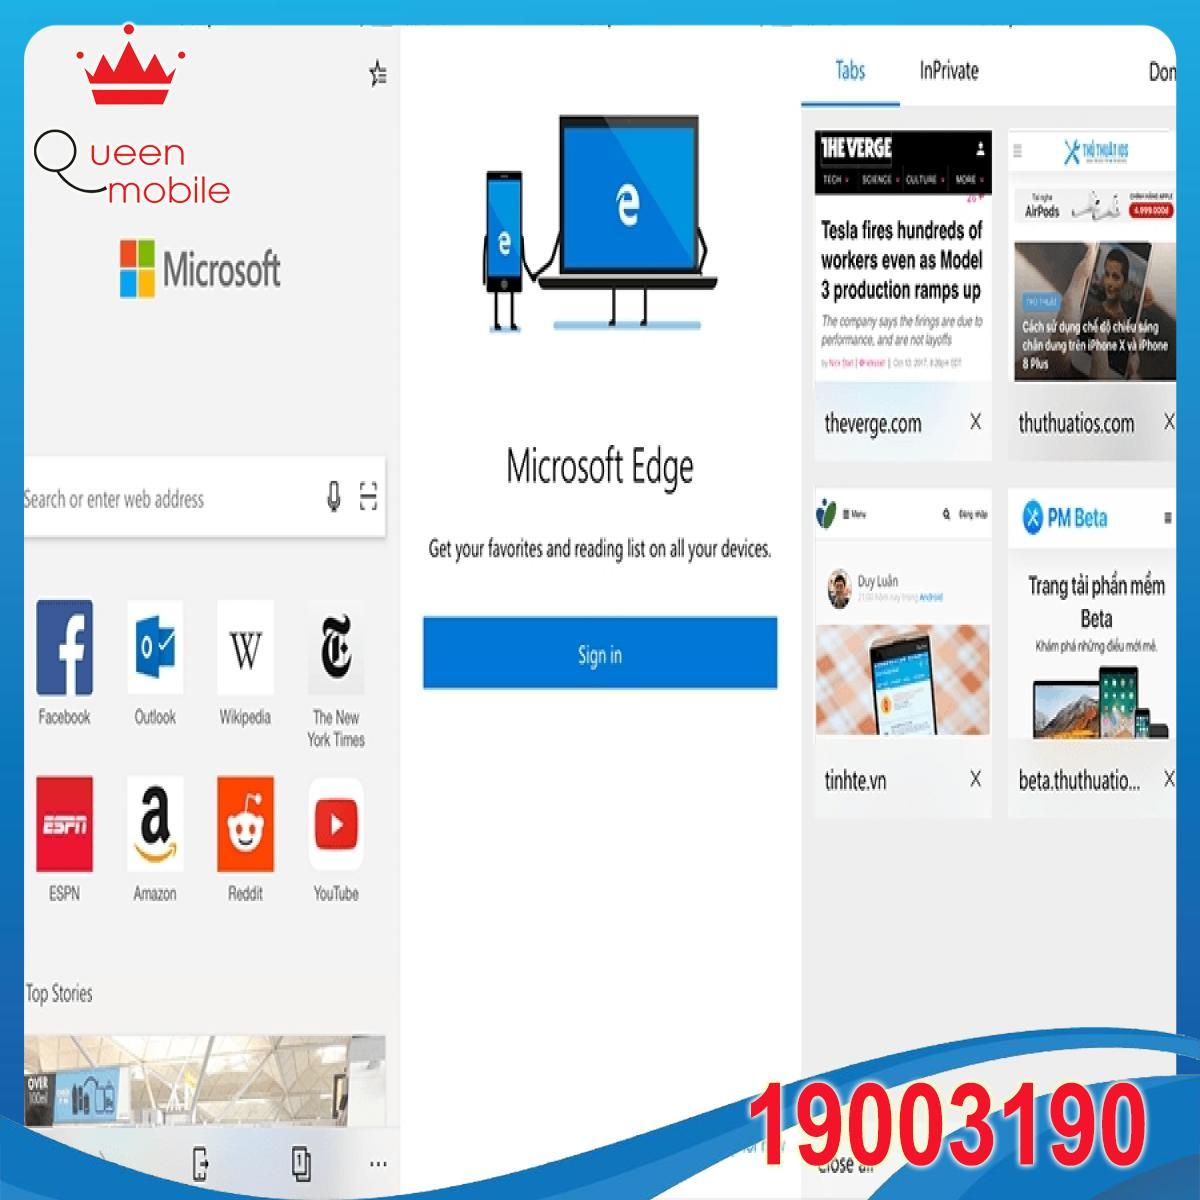 Dùng thử Microsoft Edge trên iOS: Trình duyệt hoàn hảo cho người dùng Windows 10?